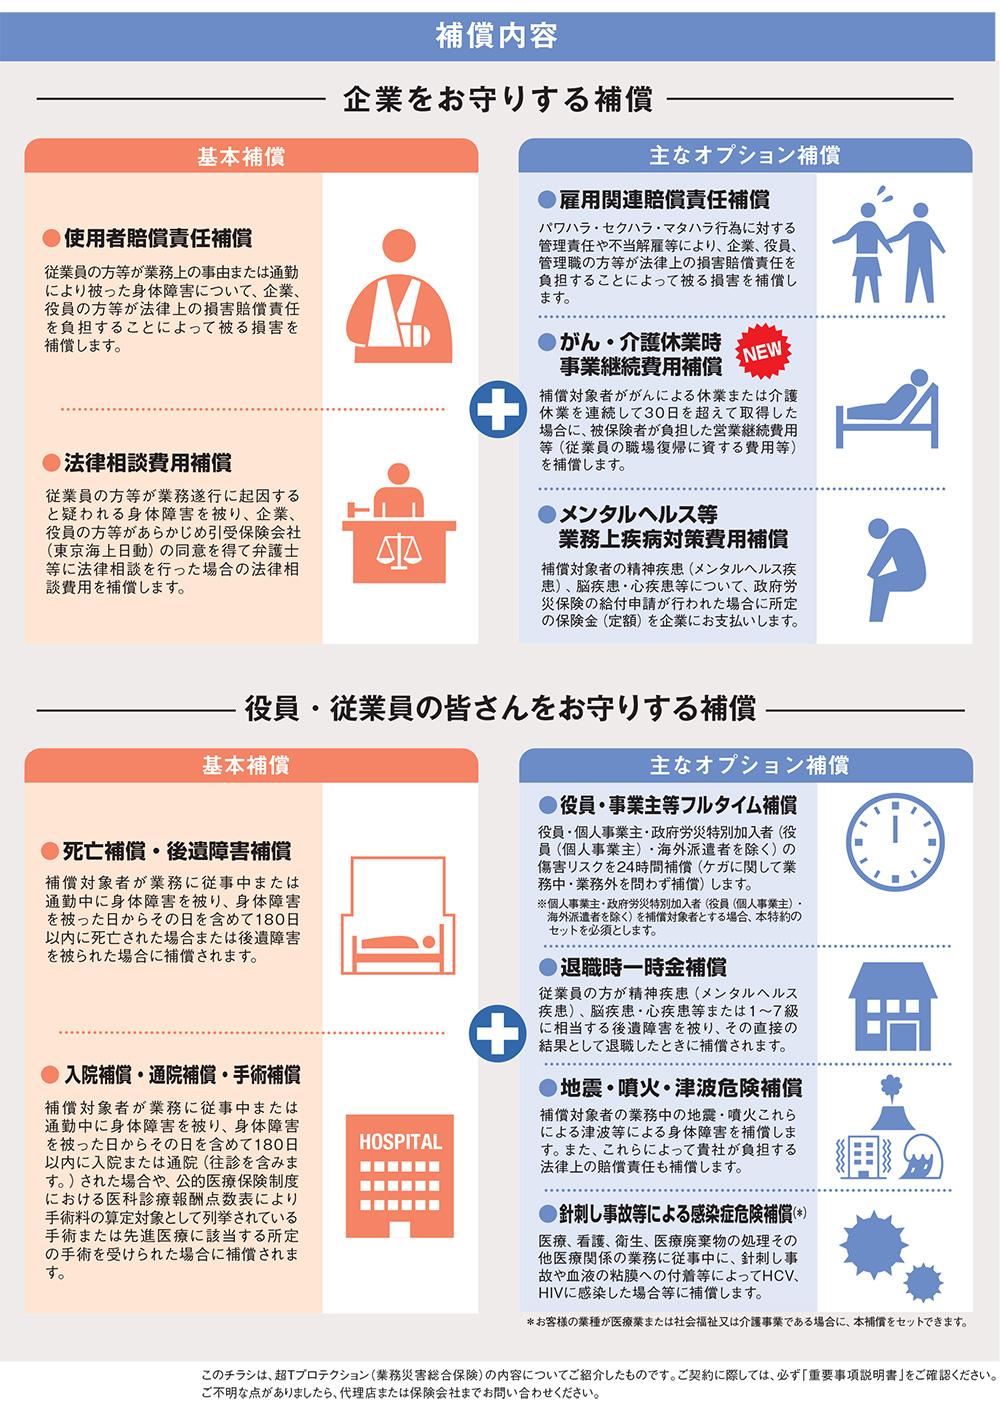 雇用関連賠償責任補償制度